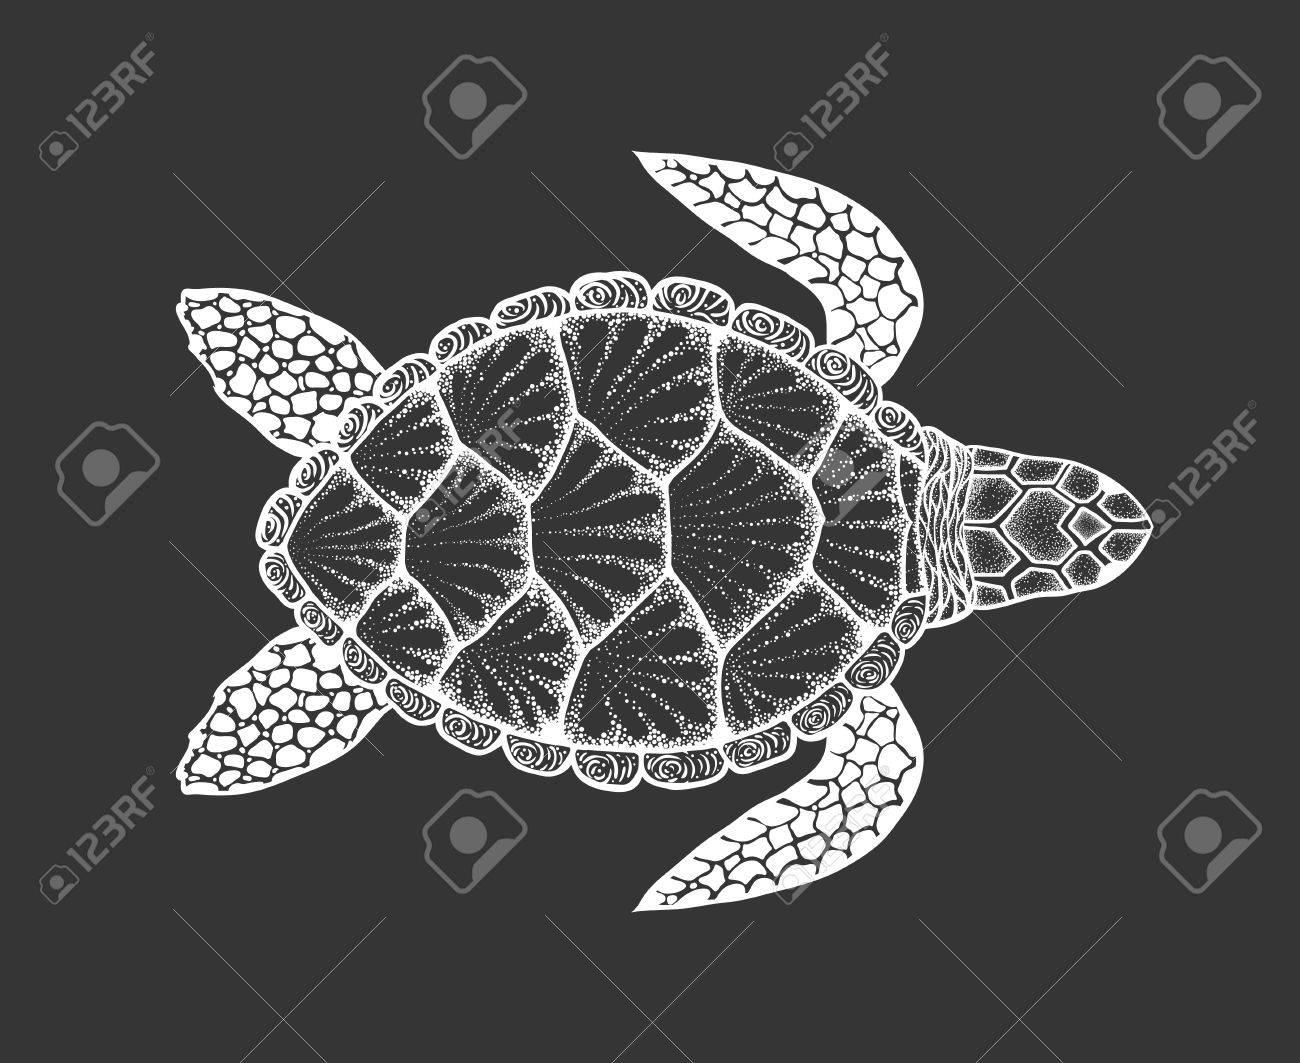 Ziemlich Süsse Meeresschildkröte Malvorlagen Ideen - Malvorlagen Von ...